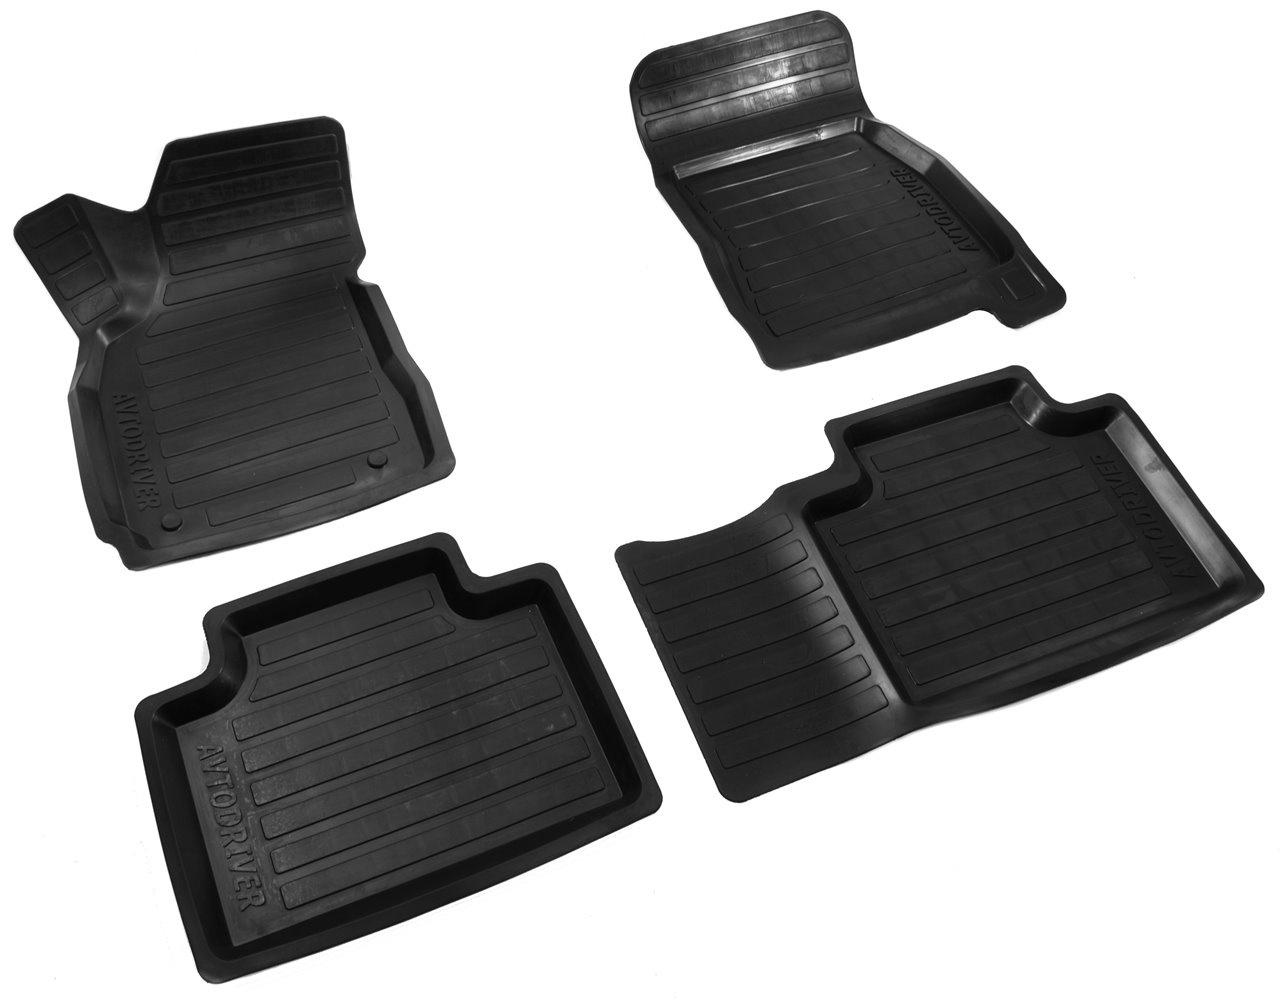 цена на Коврики в салон автомобиля Avtodriver, для Geely Emgrand X7, 2013-, ADRAVG020, резиновые, с бортиком, черный